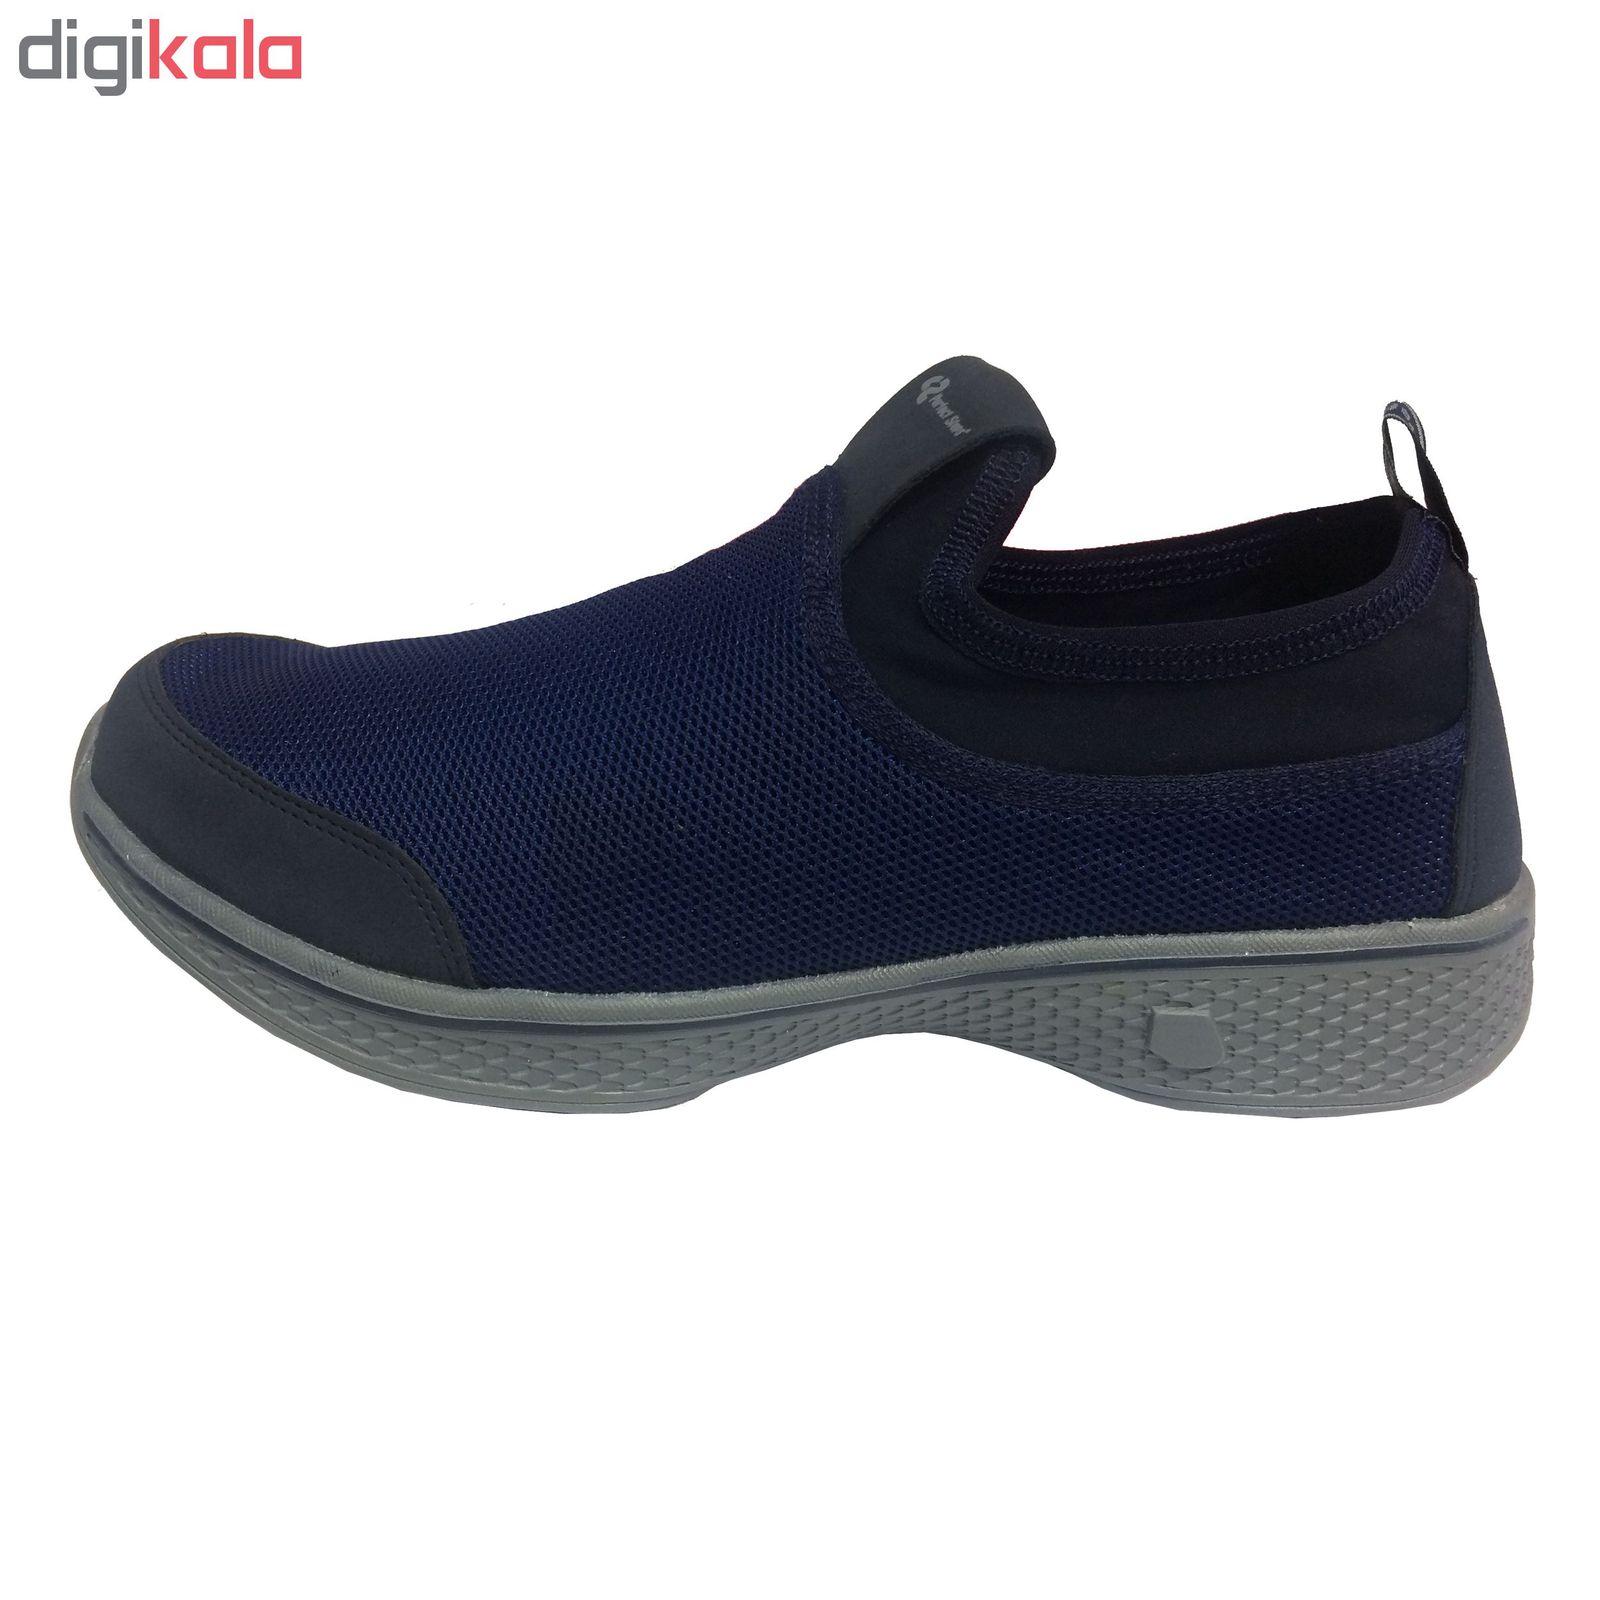 کفش مخصوص پیاده روی مردانه پرفکت استپس مدل سولو کد 1-1940 main 1 1